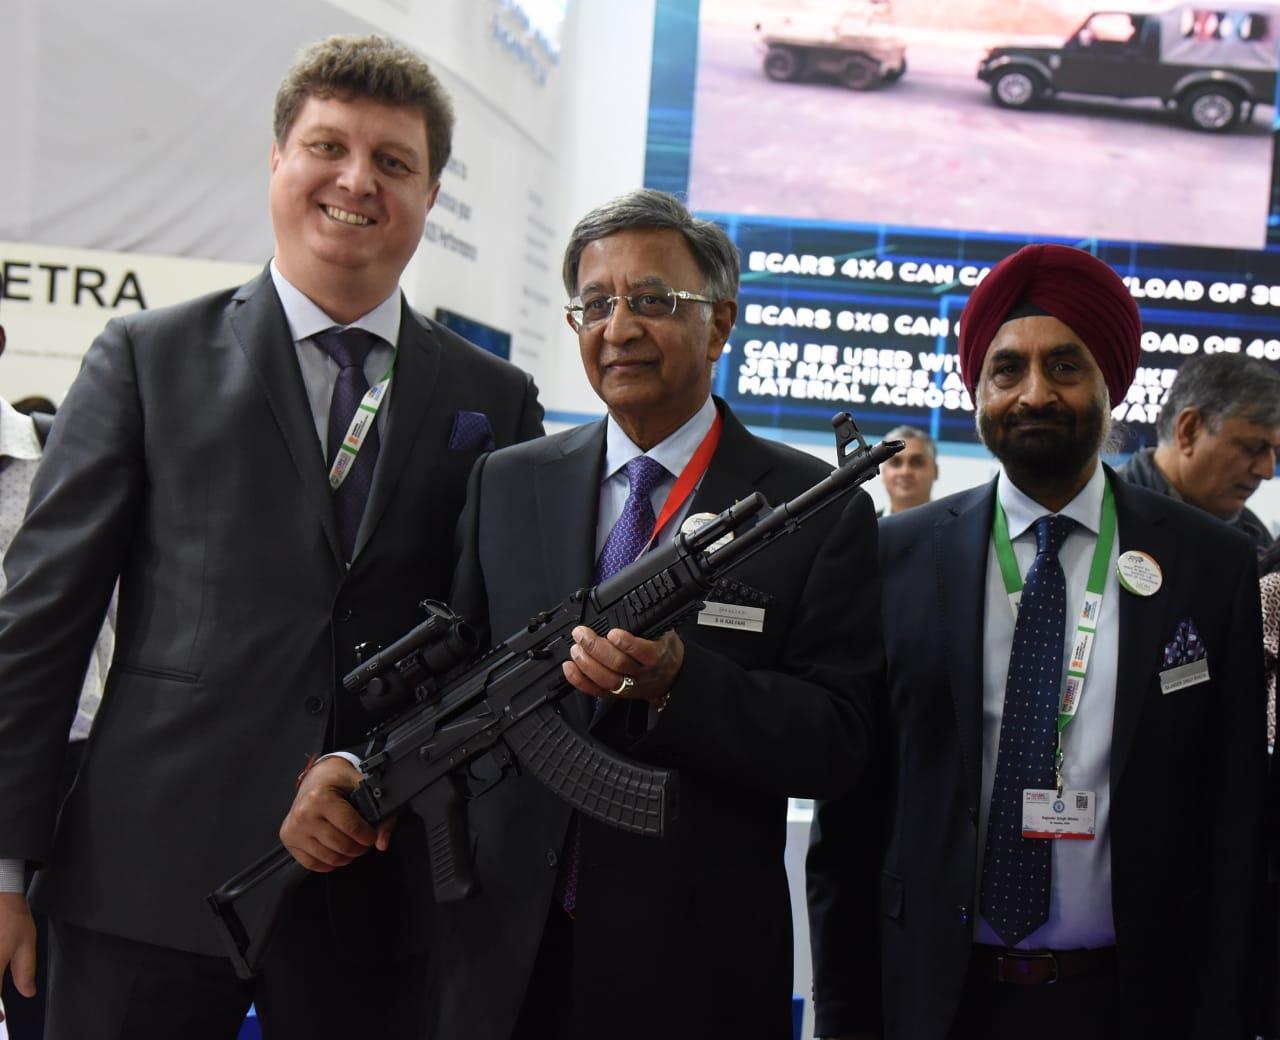 'मेक इन इंडिया' नुसार छोटी शस्त्रे आणि दारुगोळा यांची निर्मिती करणार-कल्याणी ग्रुप आणि आर्सेनल जेएस कंपनीची धोरणात्मक भागीदारी